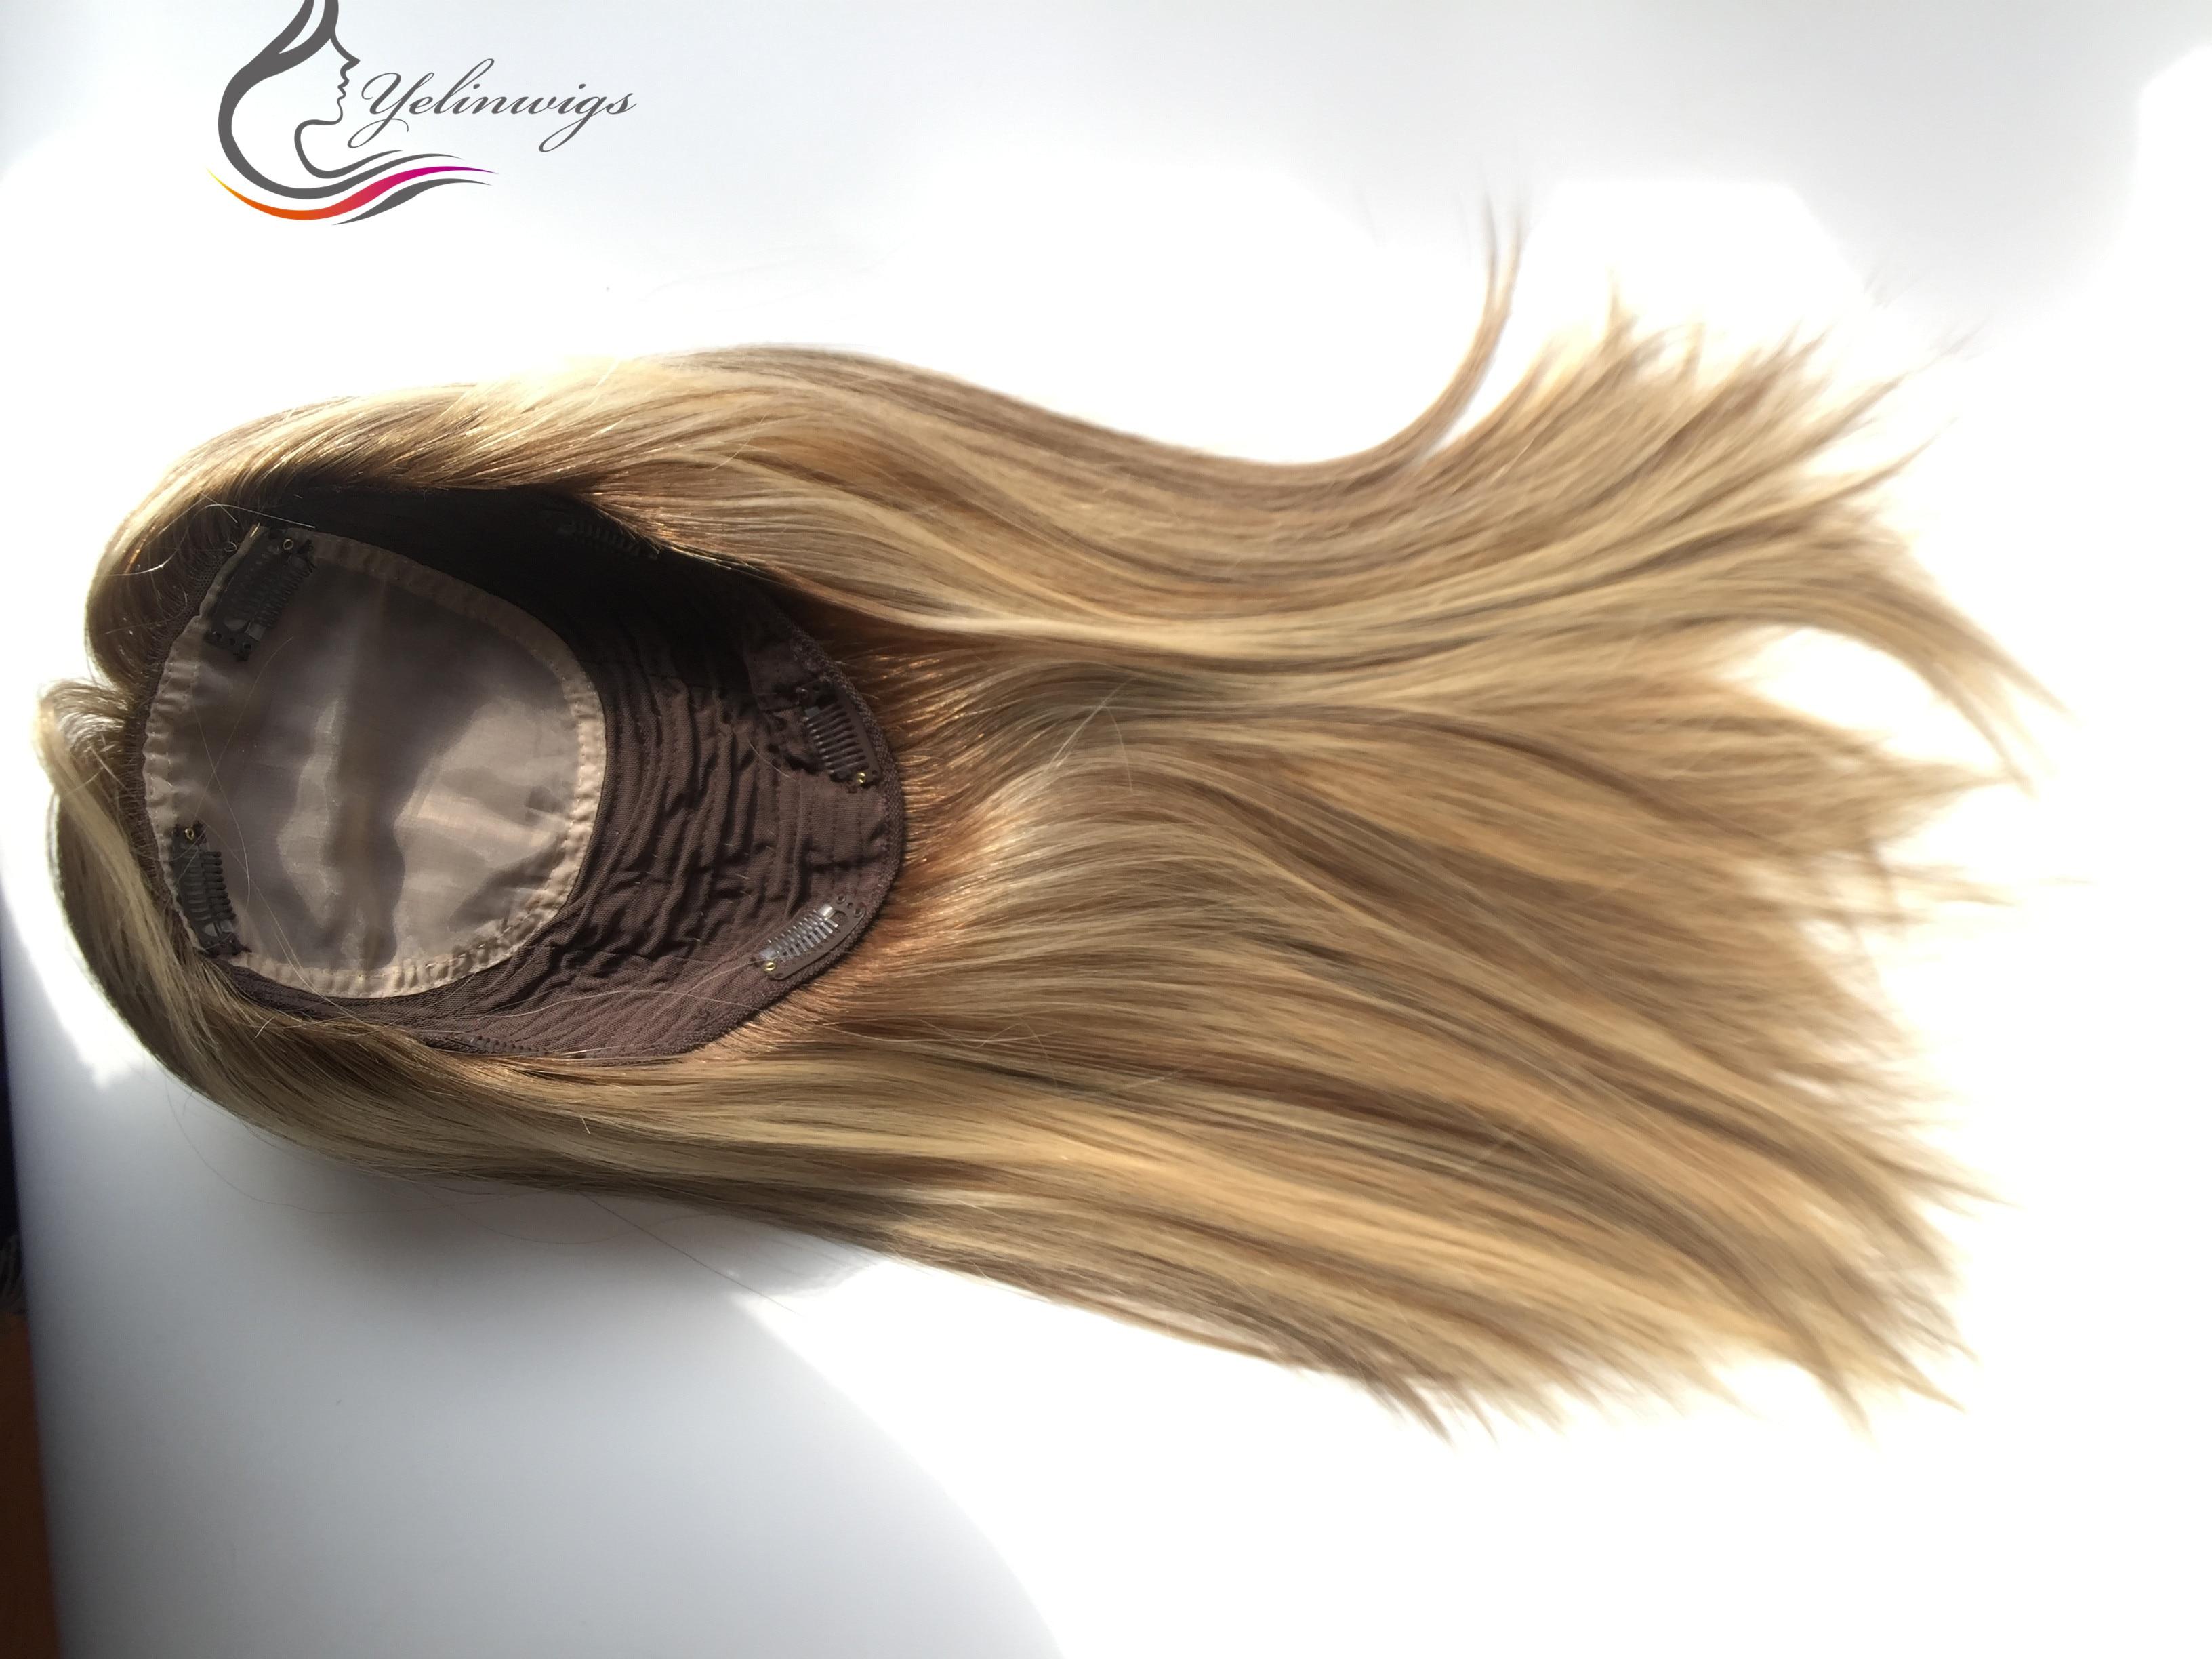 Destaque Polegada Europeu Virgem Cabelo Topper Feminino Peças Melhor Venda Kippah Queda Whopper Cor 18